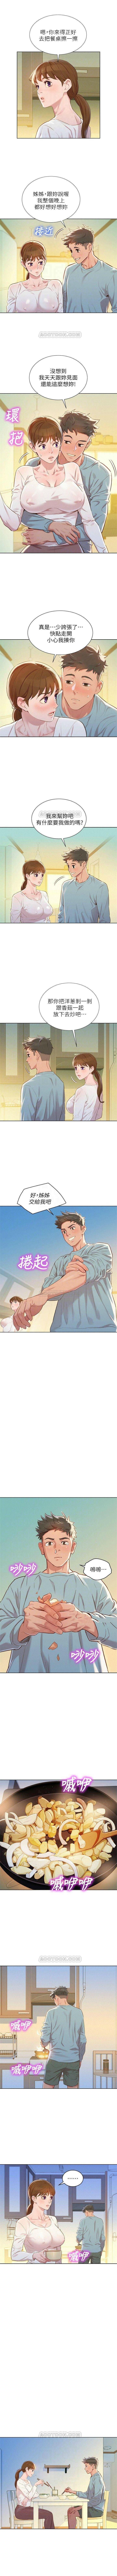 (週7)漂亮幹姐姐  1-92 中文翻譯 (更新中) 457